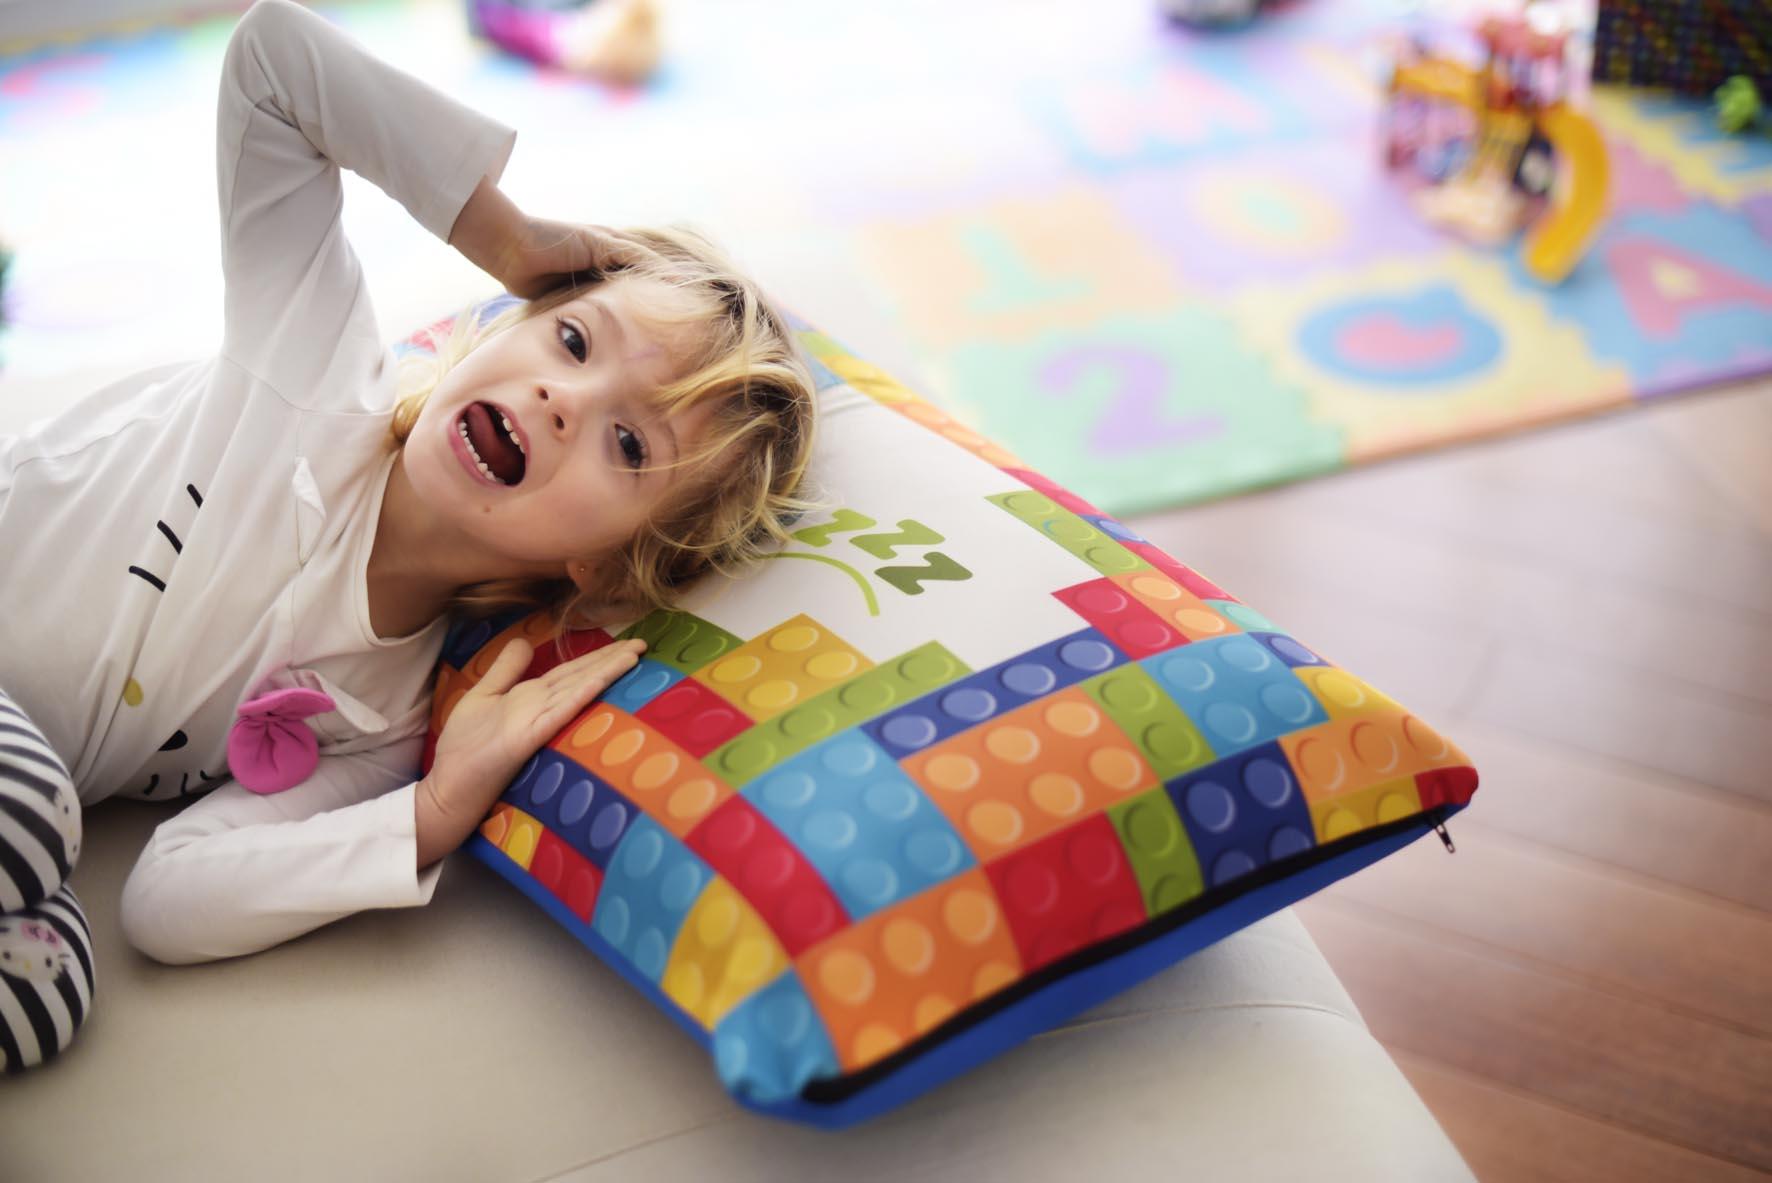 niño tumbado en una almohada viscoelástica